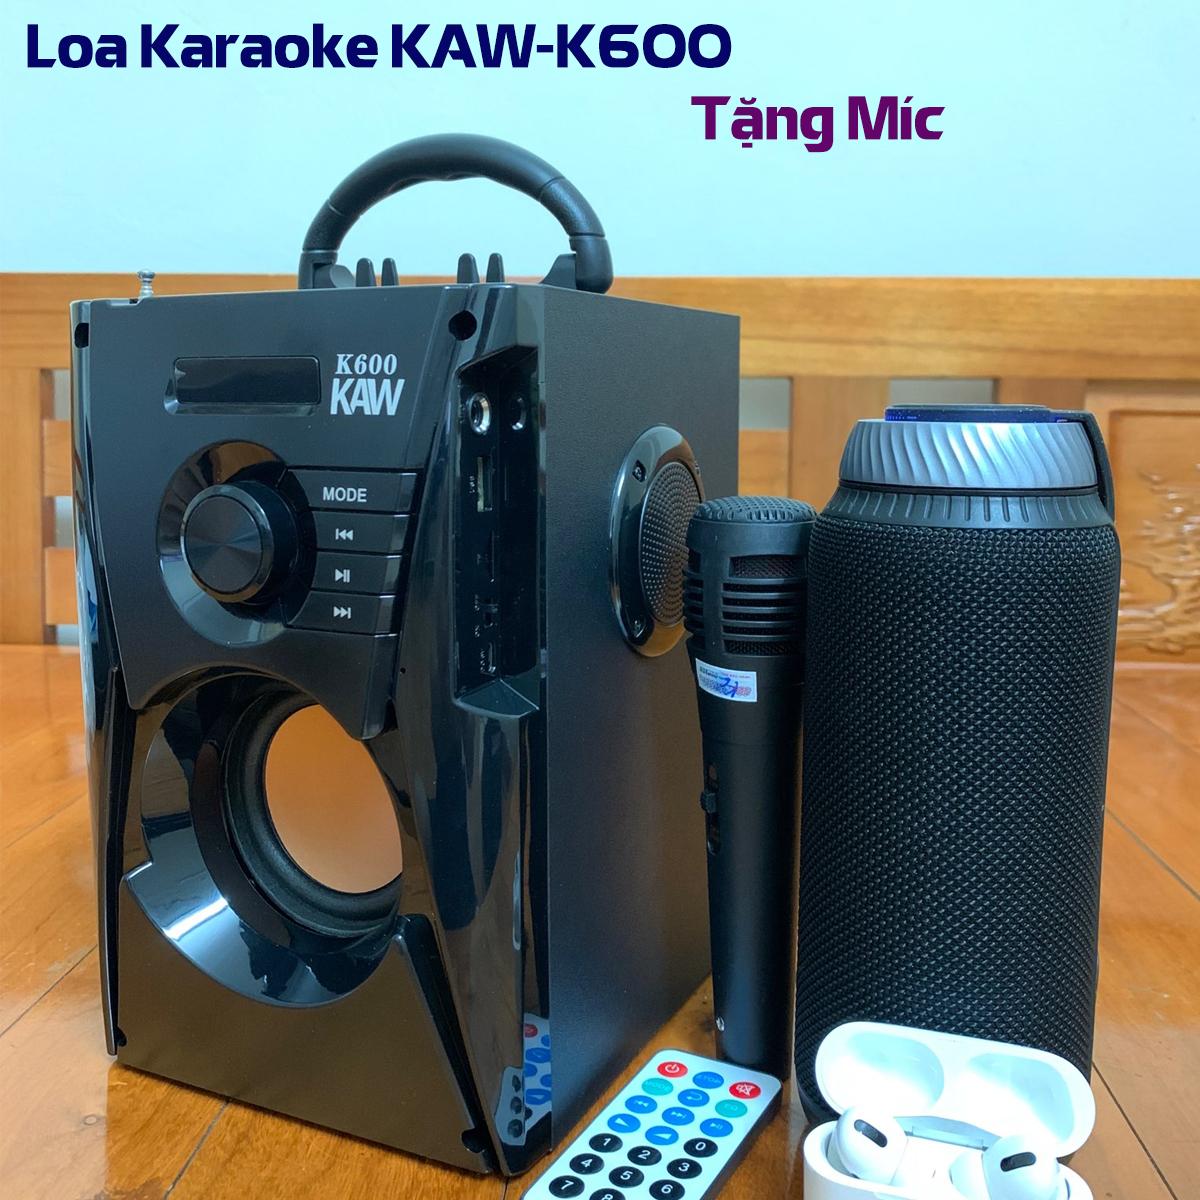 Loa bluetooth bass mạnh, loa bluetooth karaoke mini, loa máy tính bàn, Thương hiệu KAW K500 & K600 Mẫu mới nhất 2021 + Tặng kèm micro và gói bảo hành vàng 1 đồi 1 trong 12 tháng